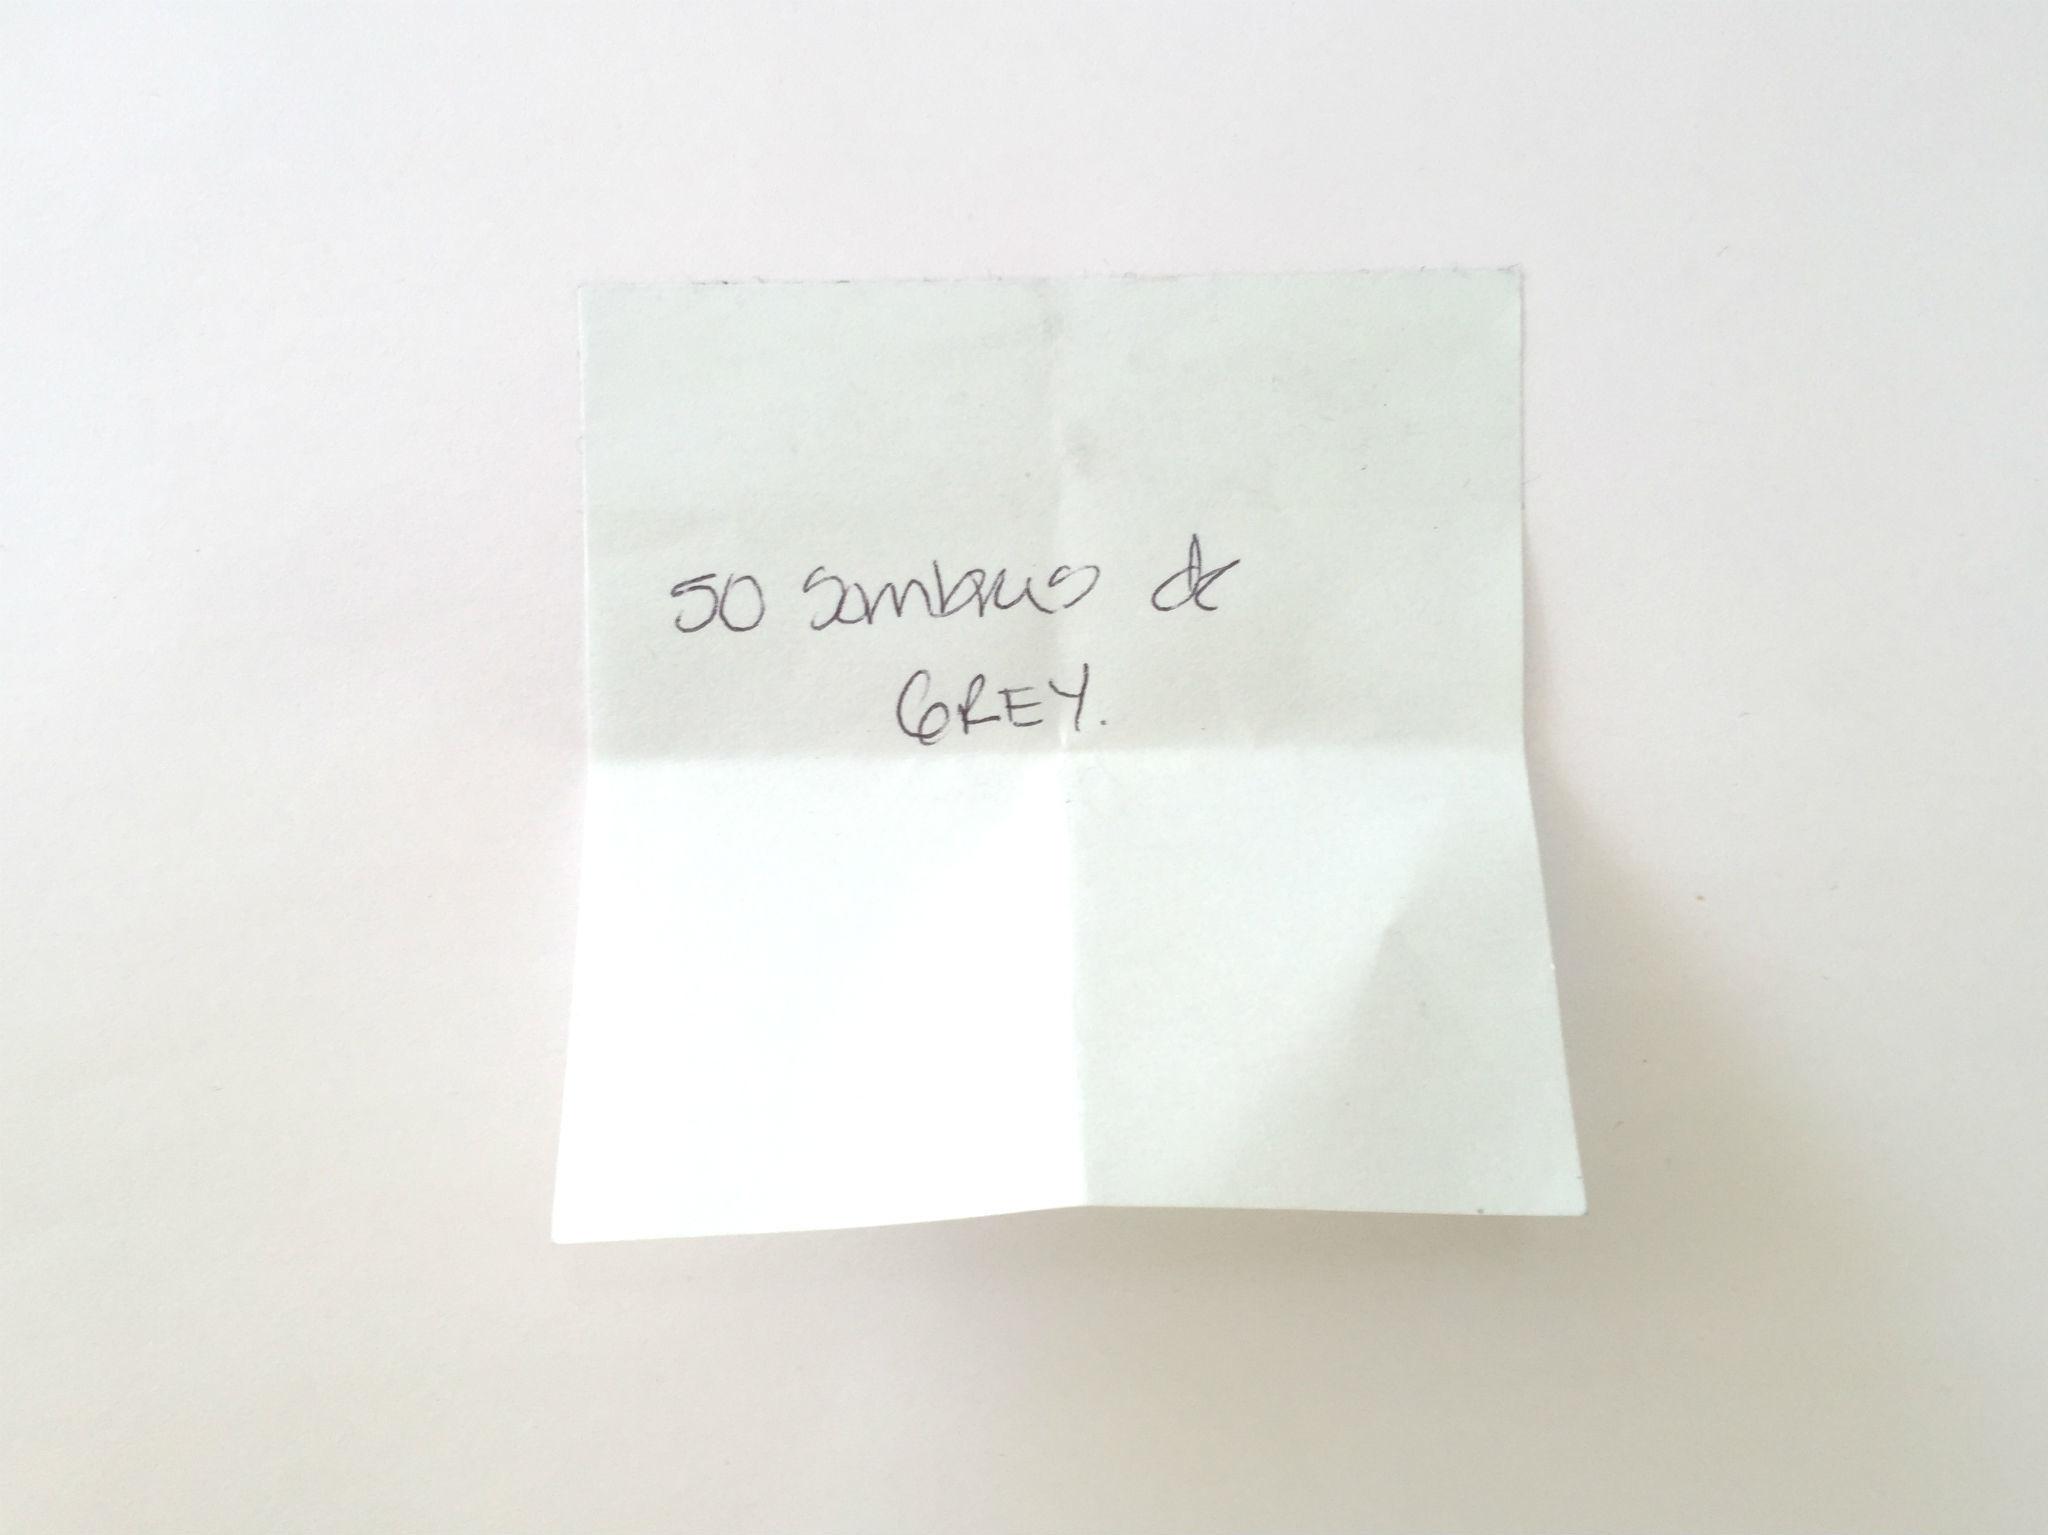 Confesiones de post-it: ¿Qué libro dices haber leído y nunca lo hiciste?